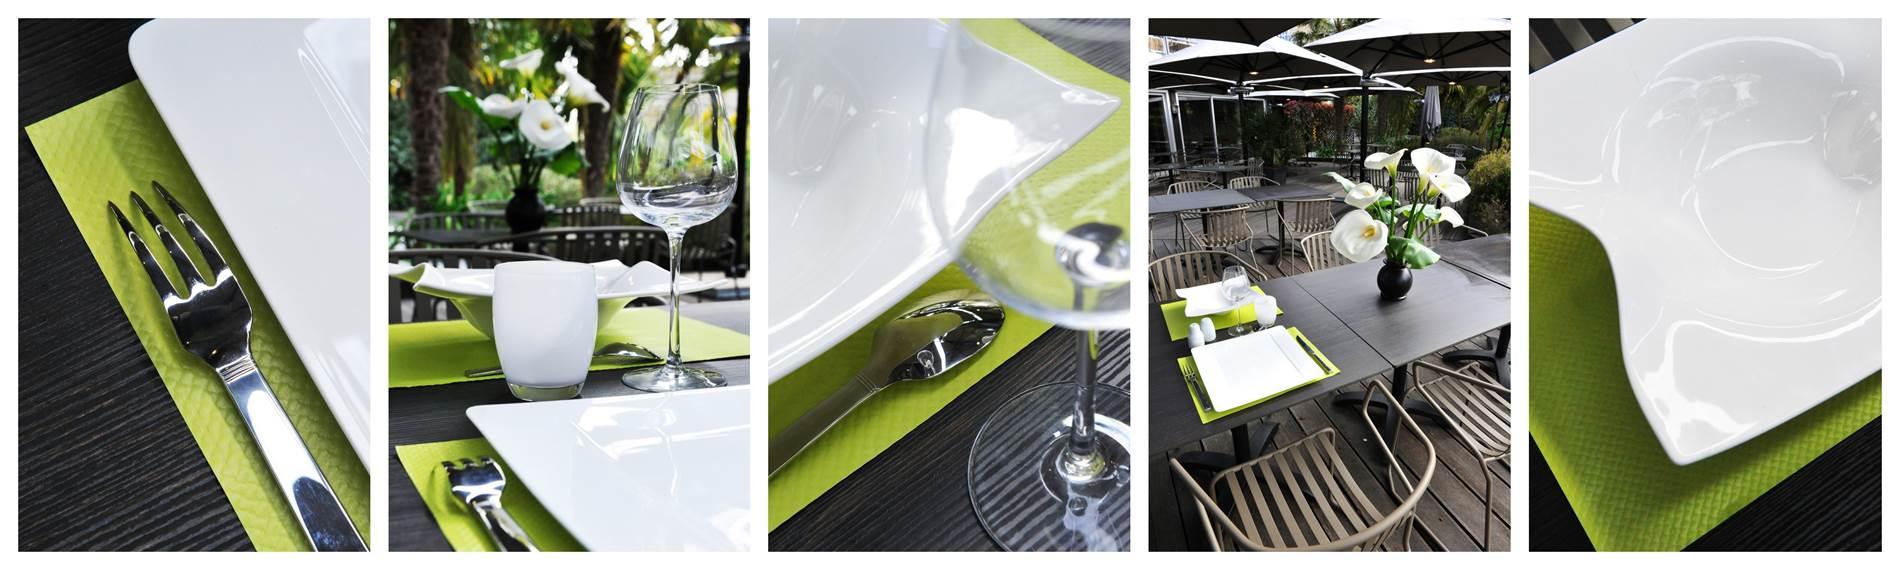 Golfe Hôtel-Brasserie Bleue (8) ©